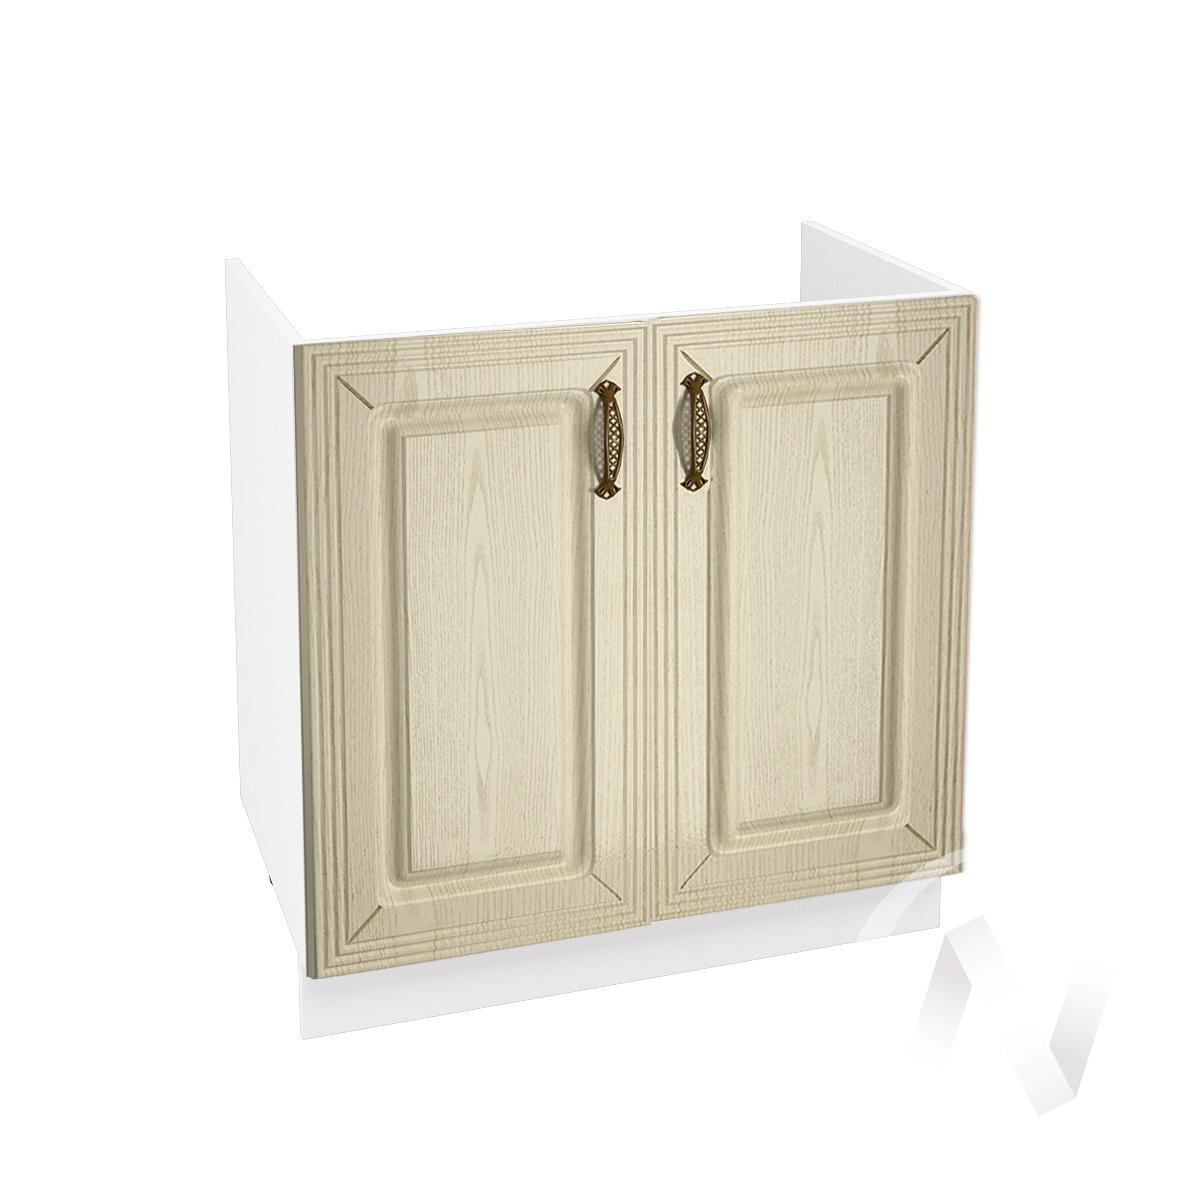 """Кухня """"Изабель"""": Шкаф нижний под мойку 800, ШНМ 800 новый (корпус белый)"""